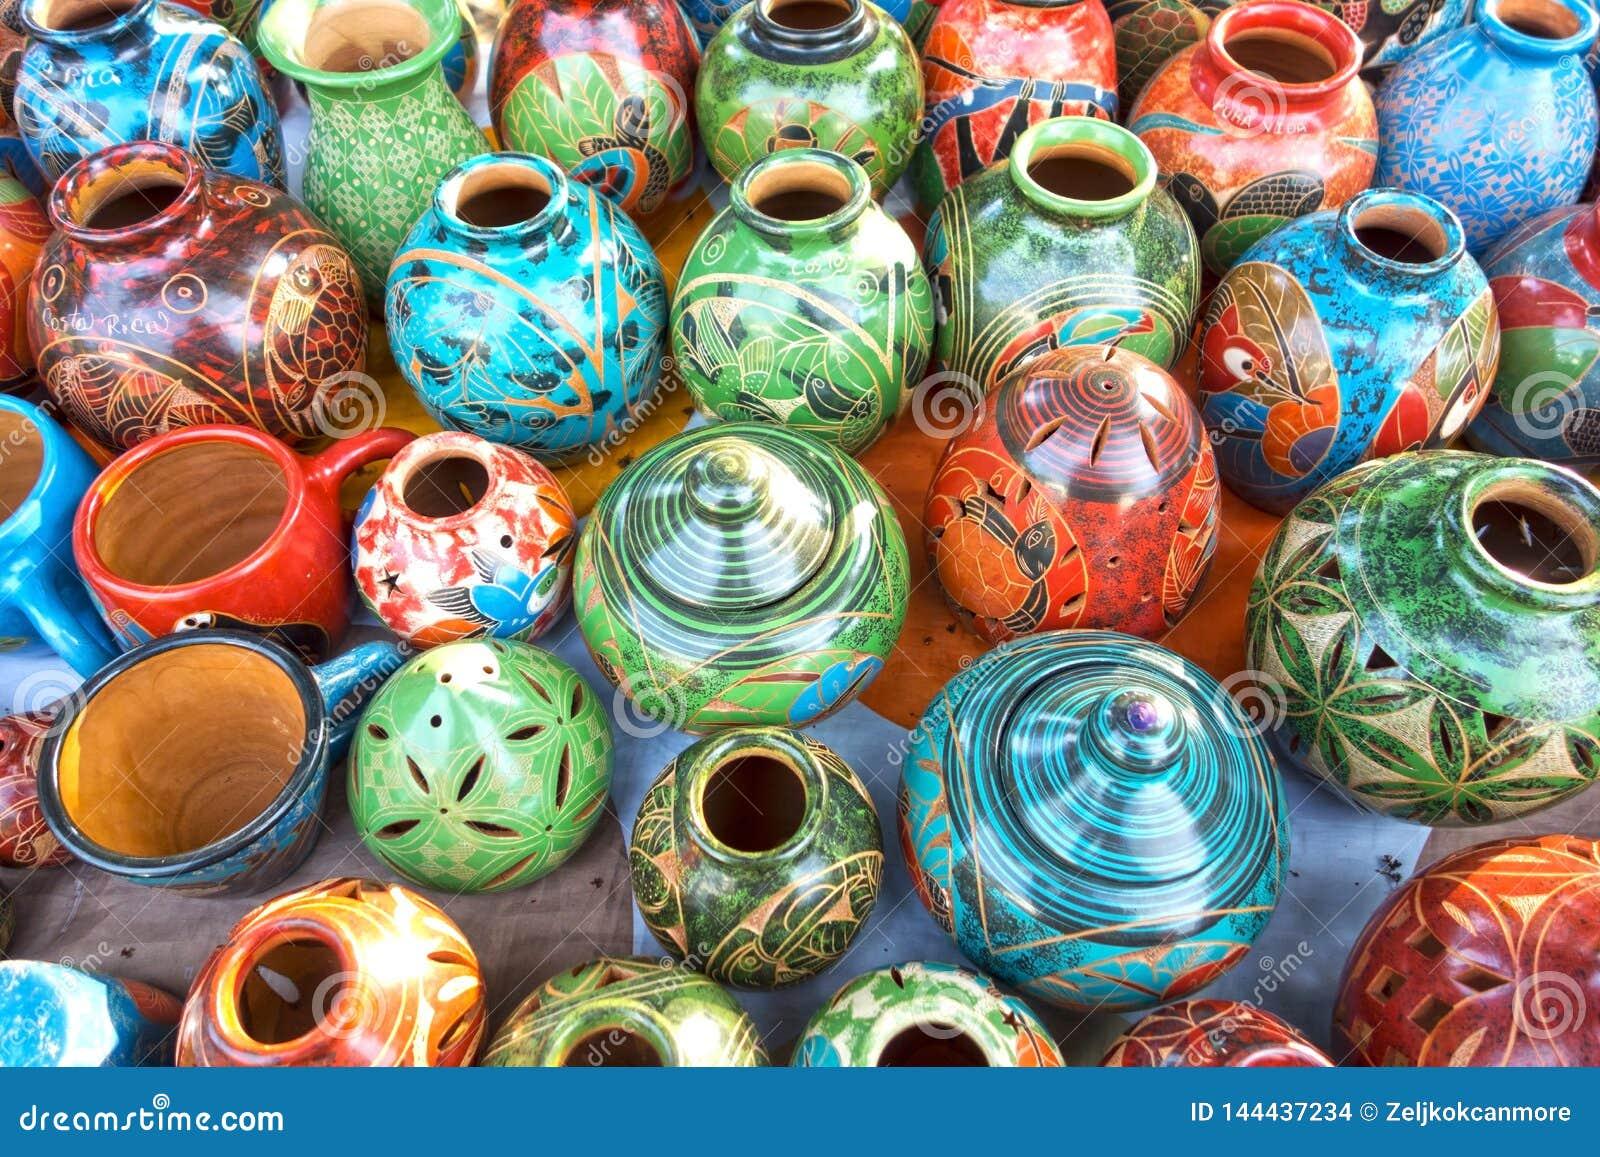 Loja de lembrança exterior do mercado de Costa Rica Porcelain Pottery Handicraft Vases e das bacias